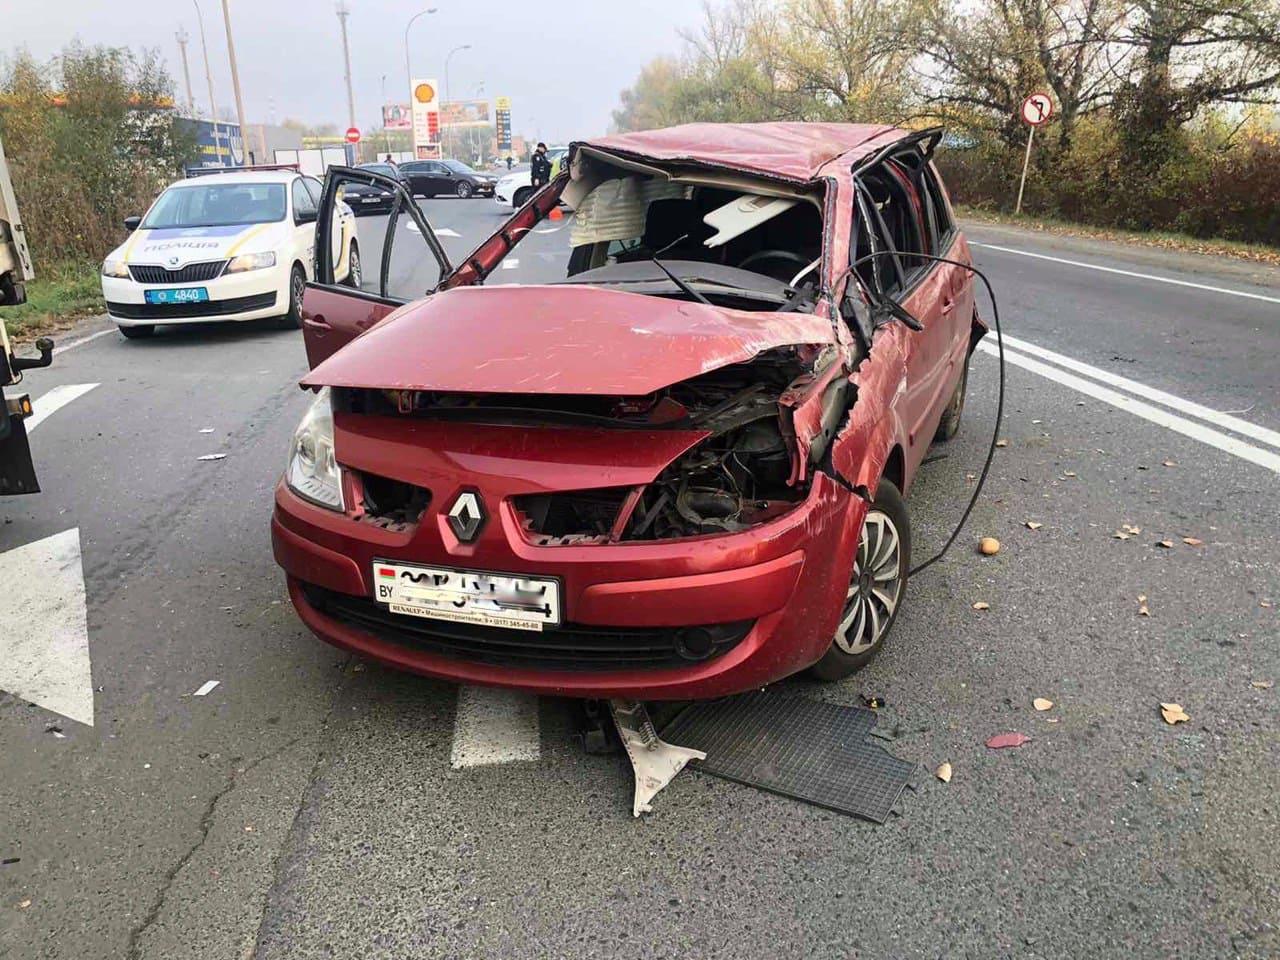 Резонансна ДТП: після аварії з машини зникли гроші і документи